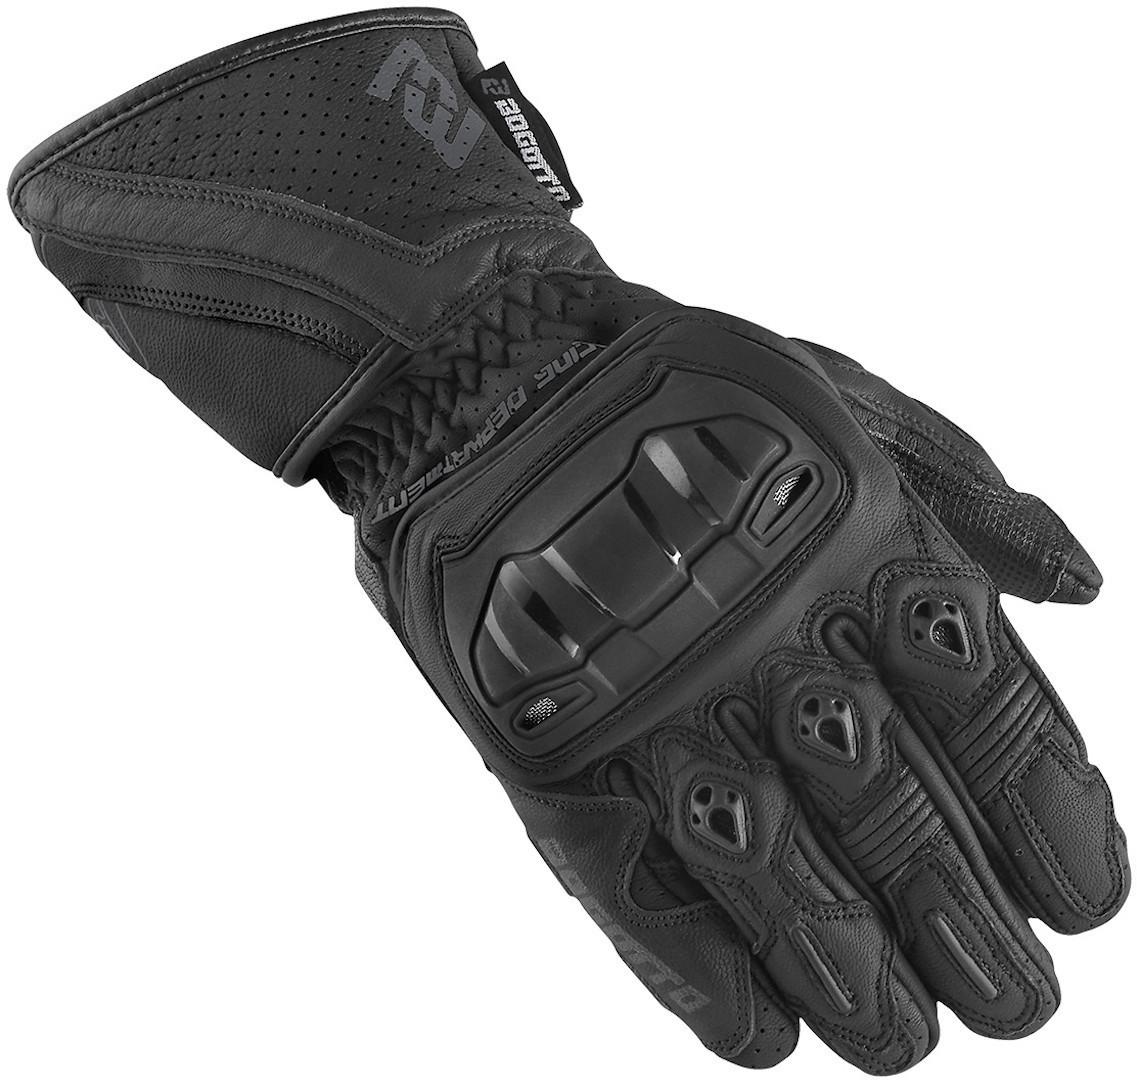 Bogotto Losail Motorradhandschuhe, schwarz, Größe 3XL, schwarz, Größe 3XL